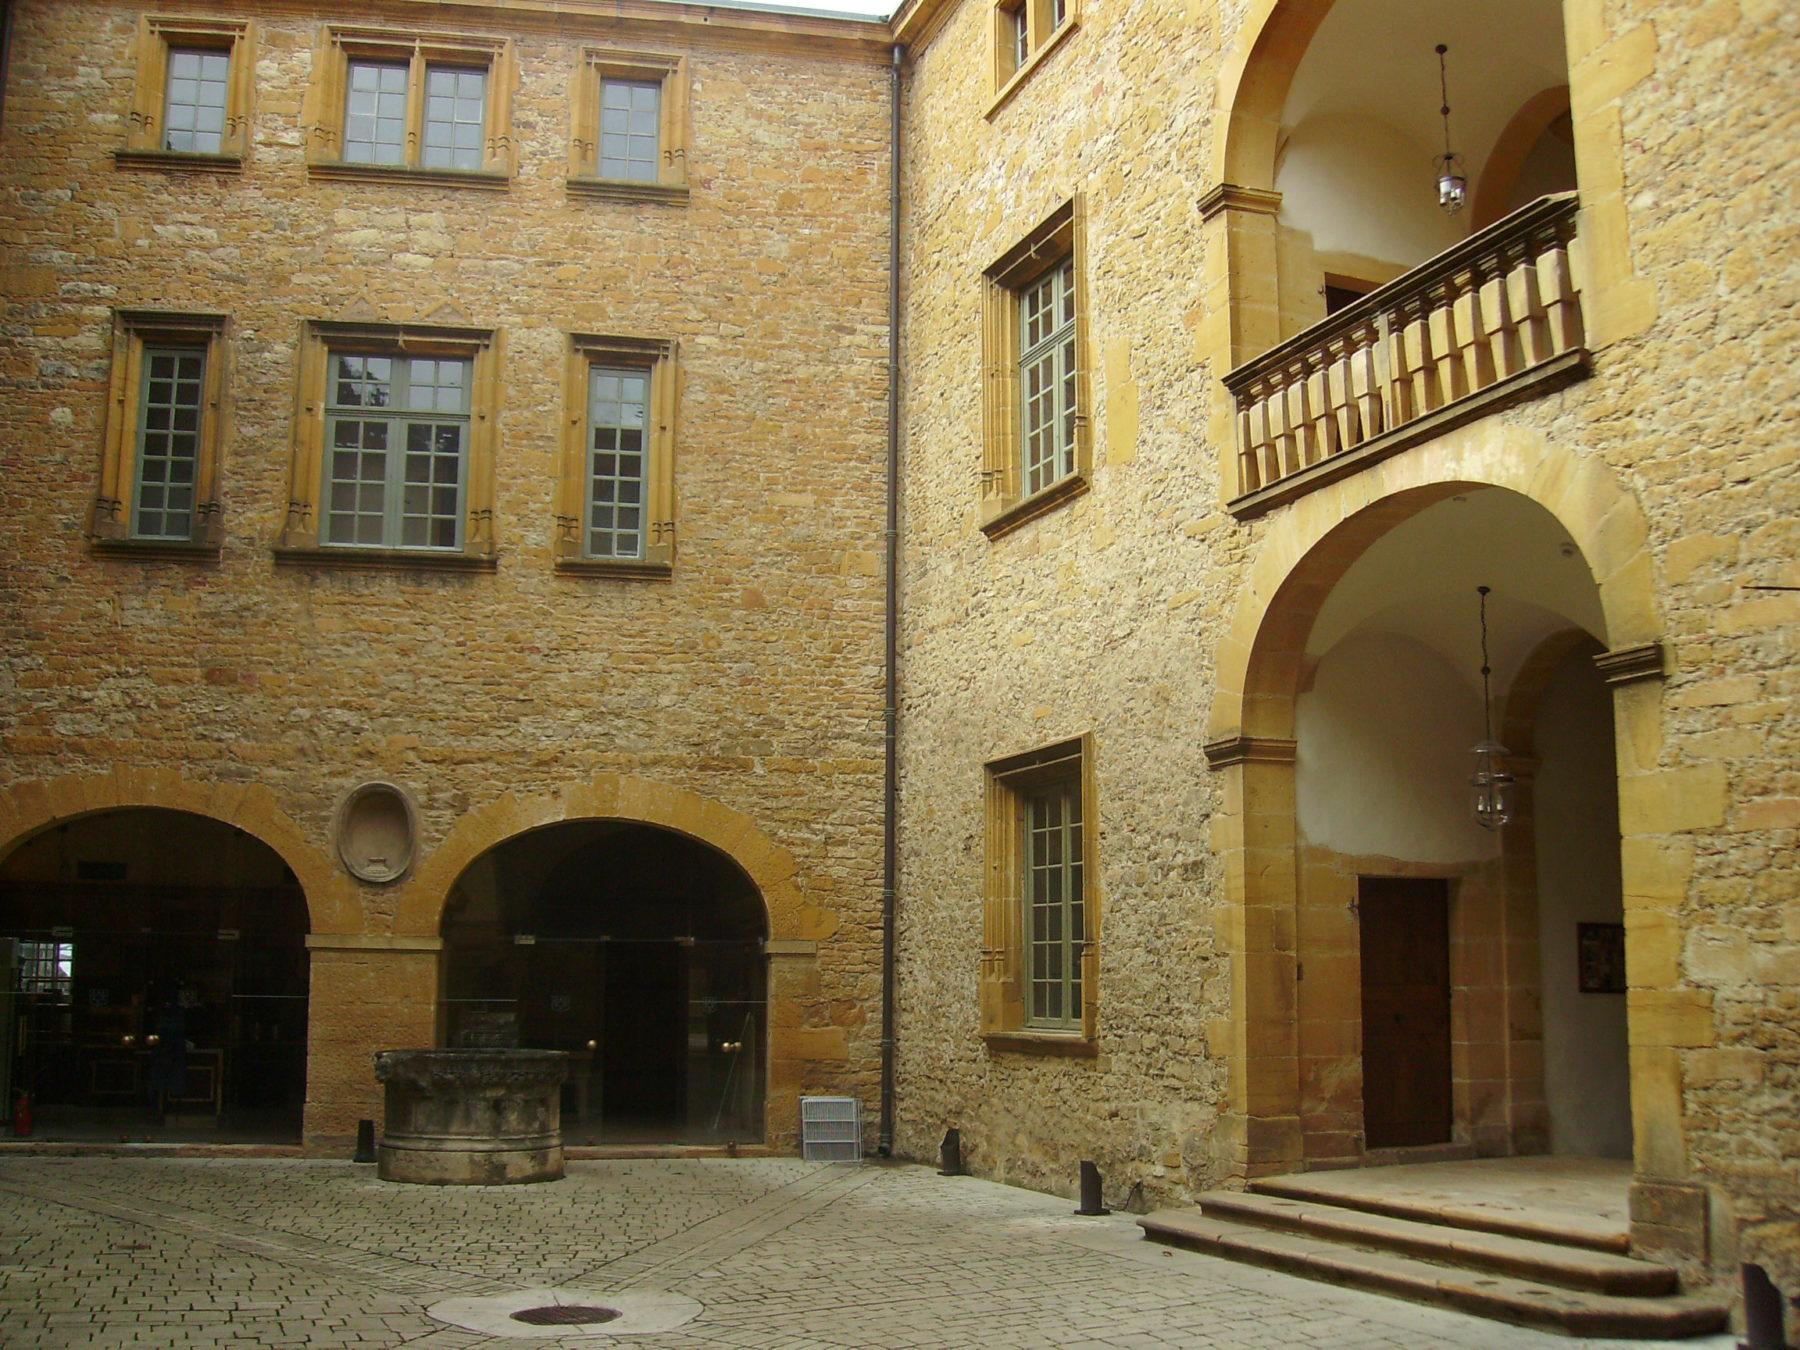 Chateau de Bagnols - Cours intérieur